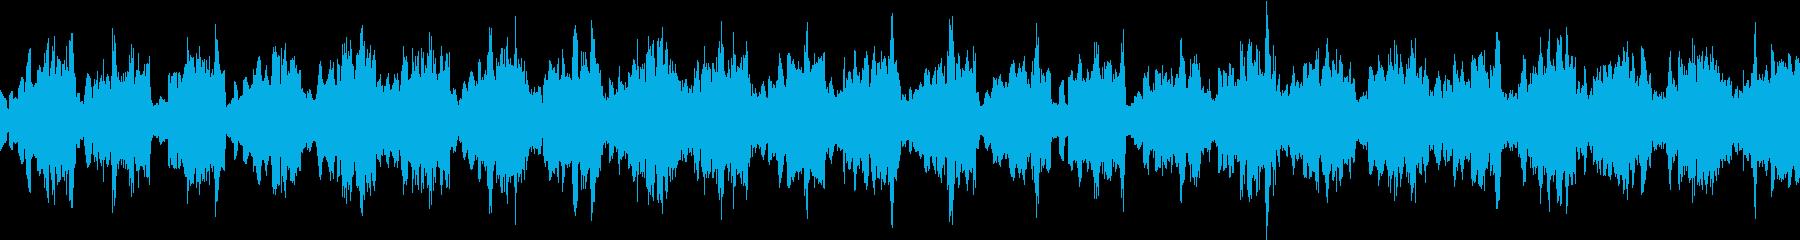 海底をイメージした神秘的な楽曲の再生済みの波形